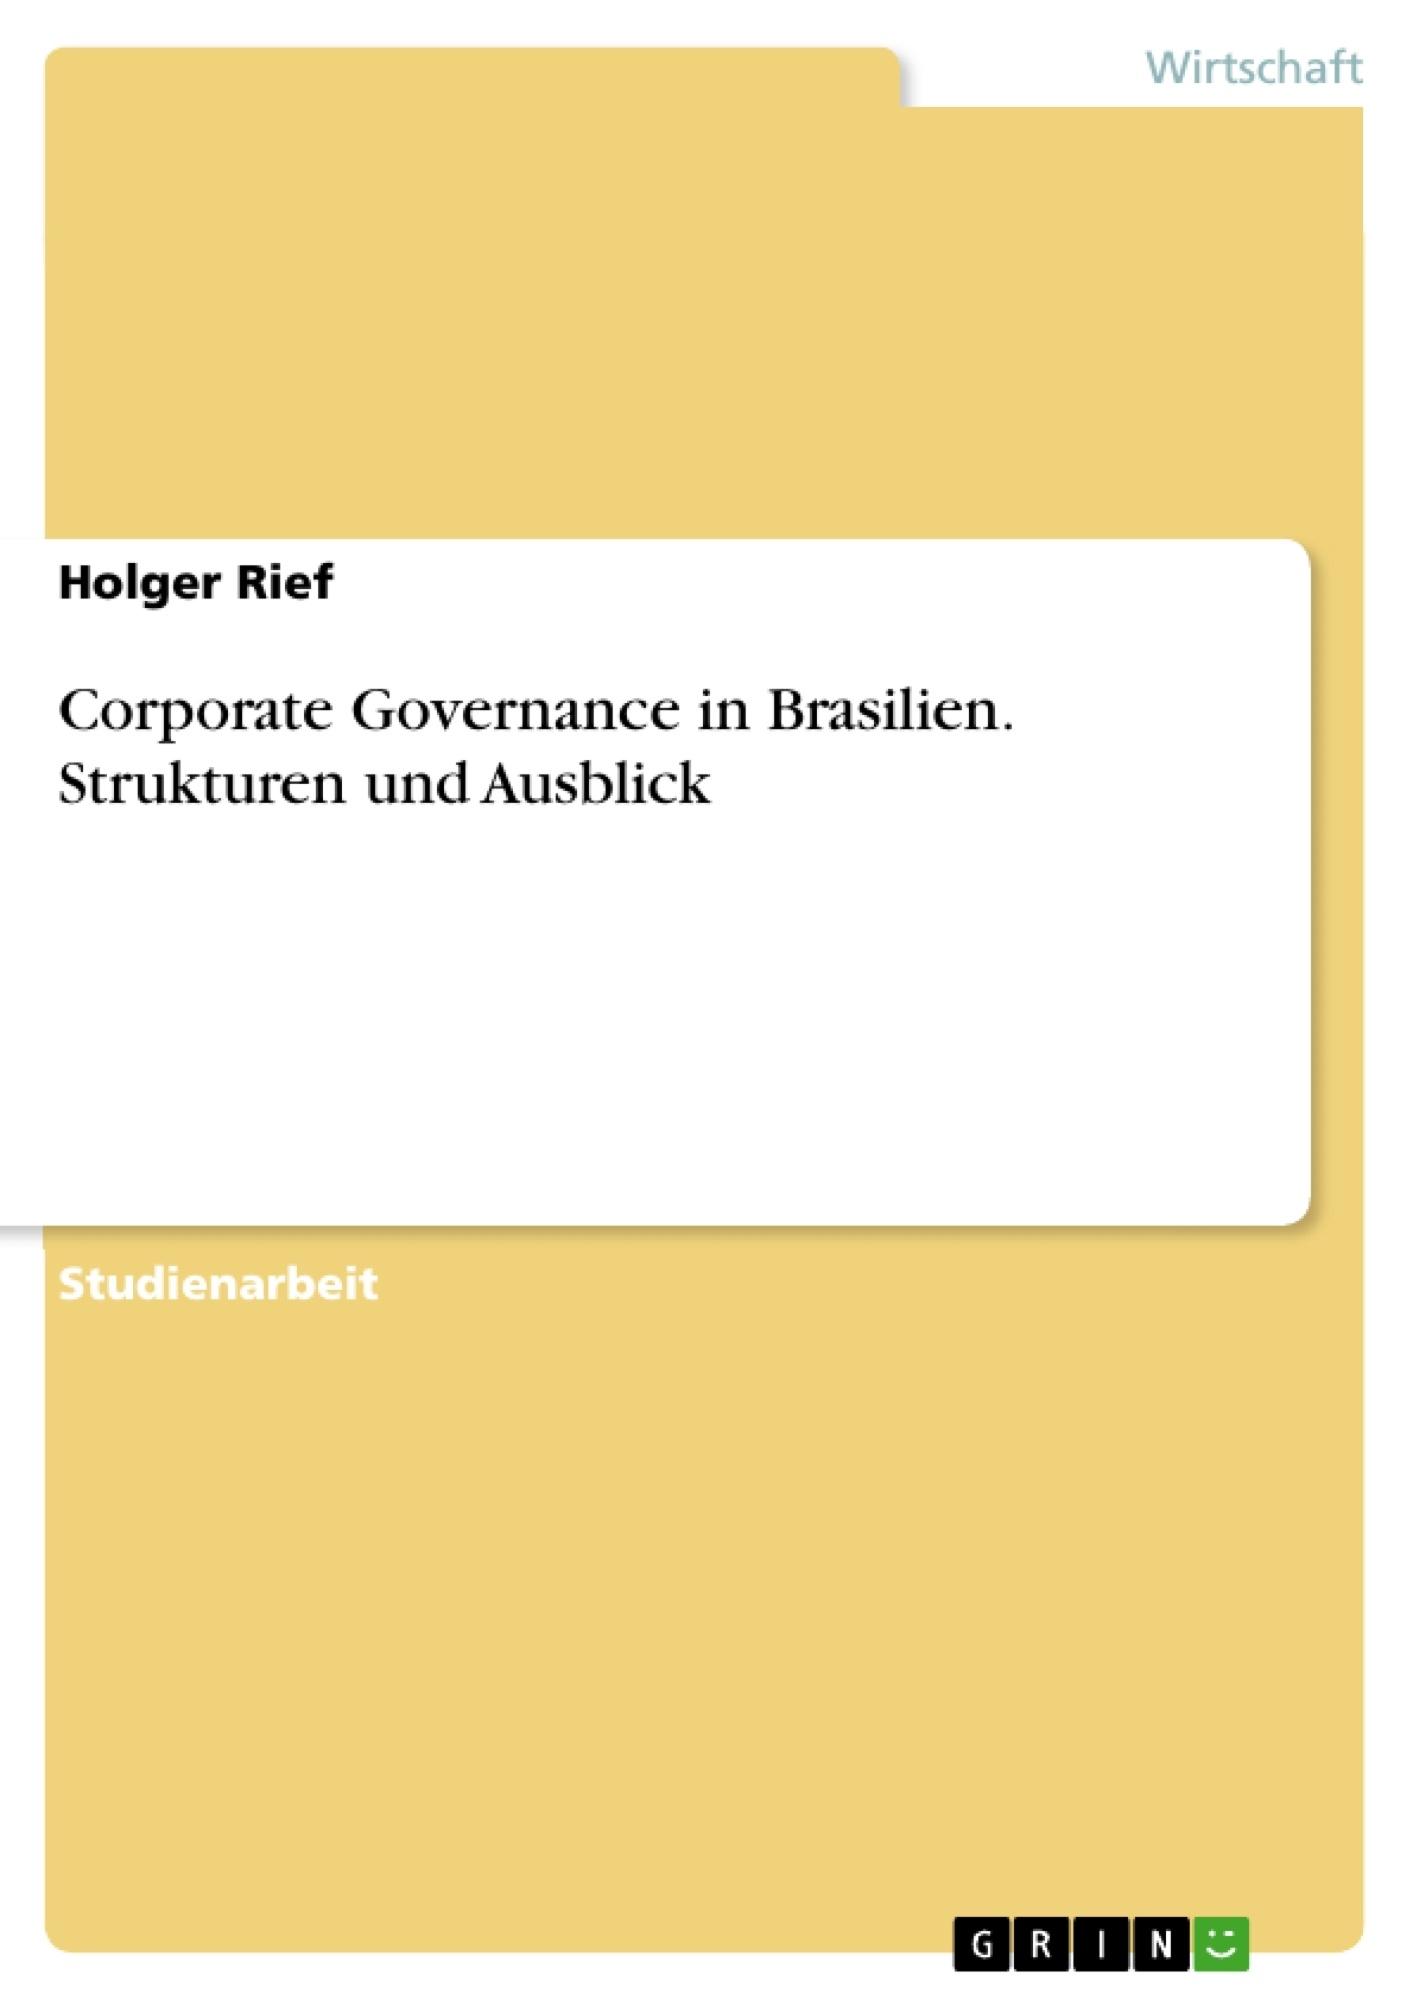 Titel: Corporate Governance in Brasilien. Strukturen und Ausblick